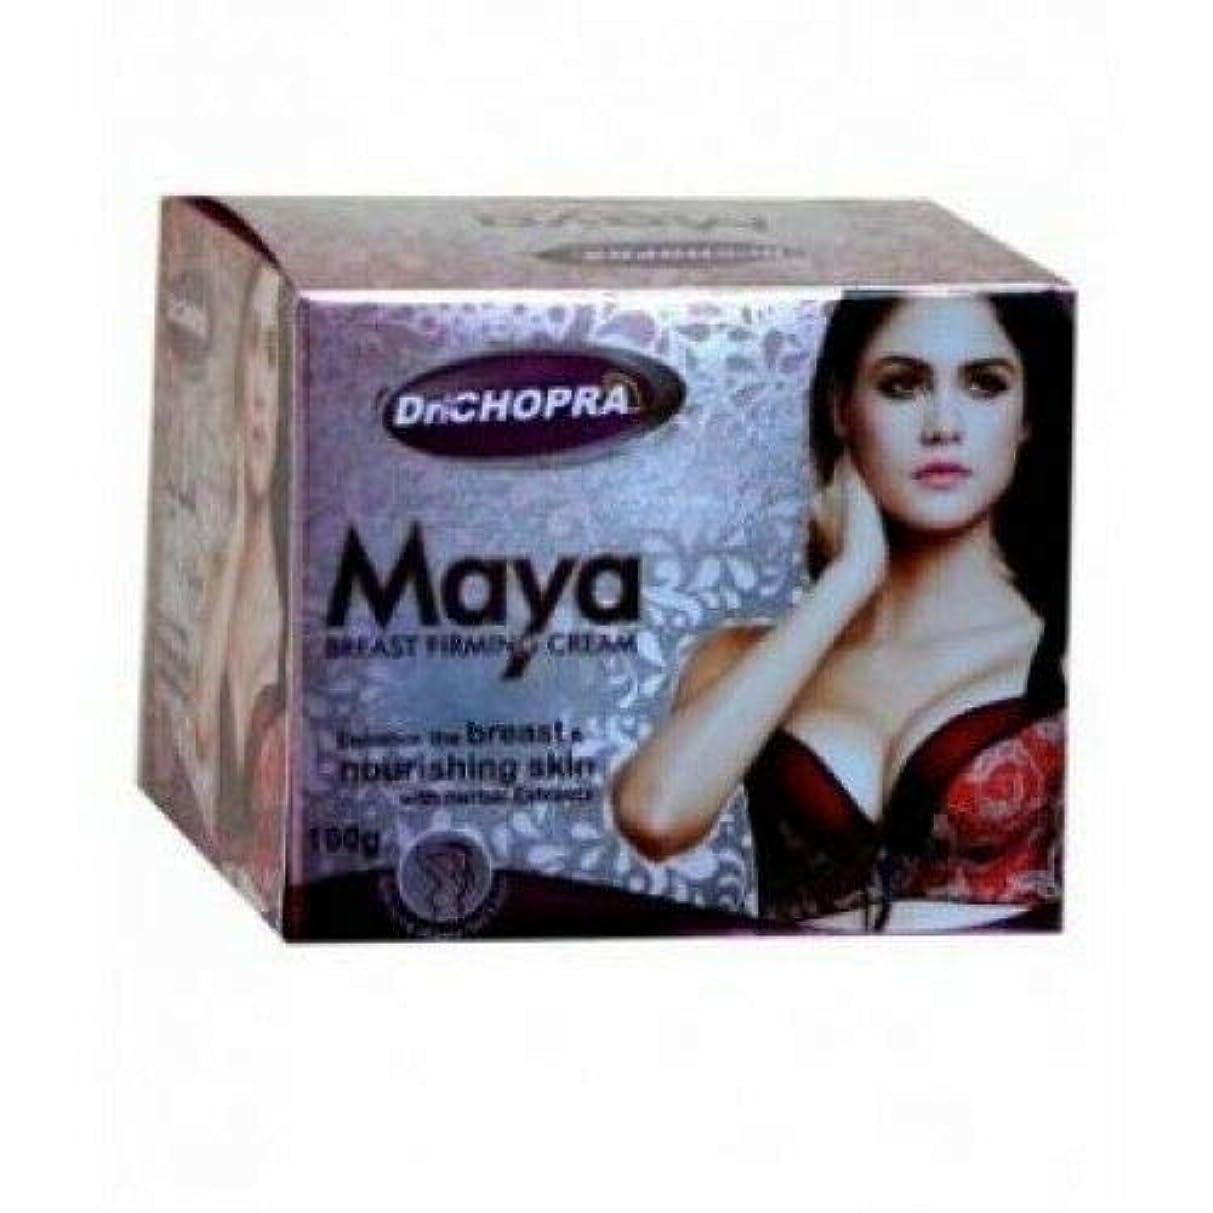 タイプコットン養うBreast Firming Cream 100g Enhance Breast & Nourishing Skin Herbal Extracts 胸の引き締めクリームは、胸と栄養肌のハーブエキスを強化します。